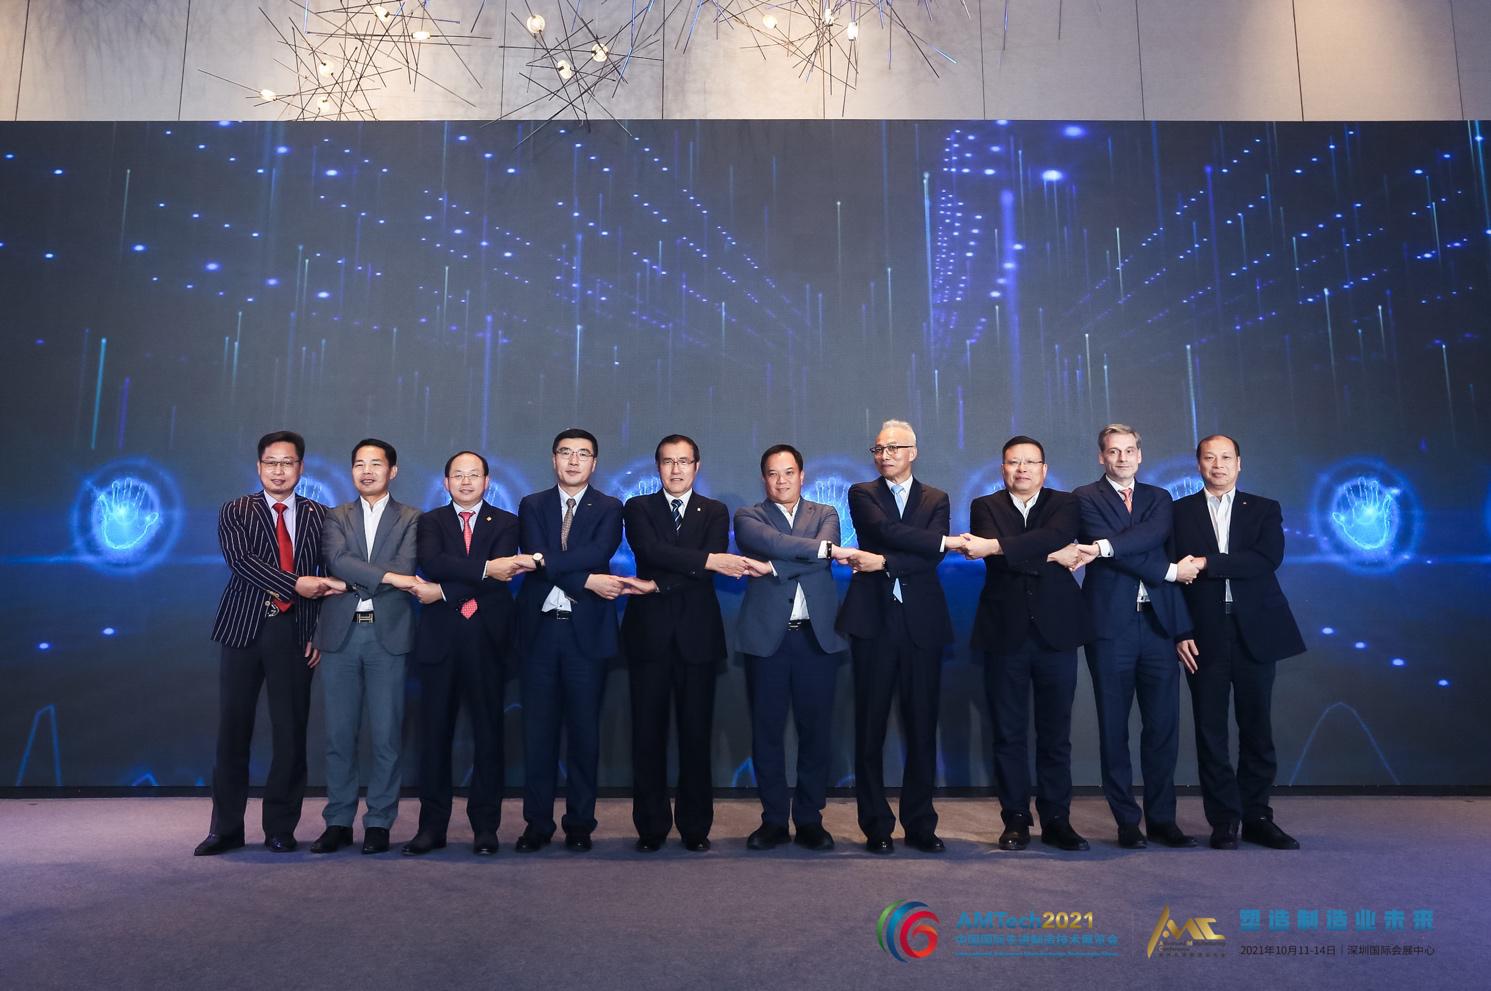 AMTech&AMC2021新闻发布会暨全球启动仪式9月2日在深圳成功召开